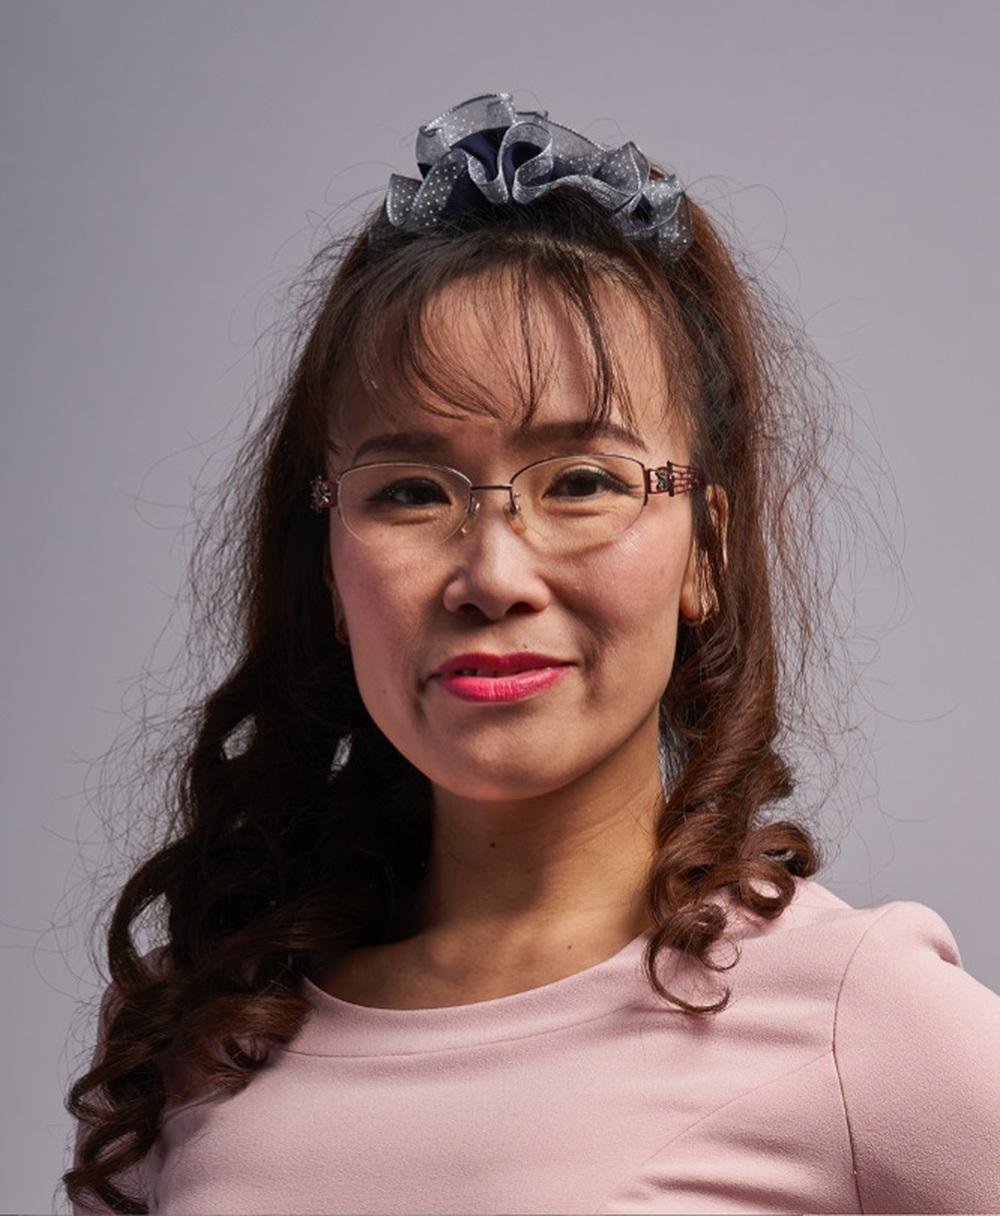 Cổ phiếu hàng không trỗi dậy, bà chủ Vietjet trở lại Top 5 người giàu nhất - Ảnh 1.